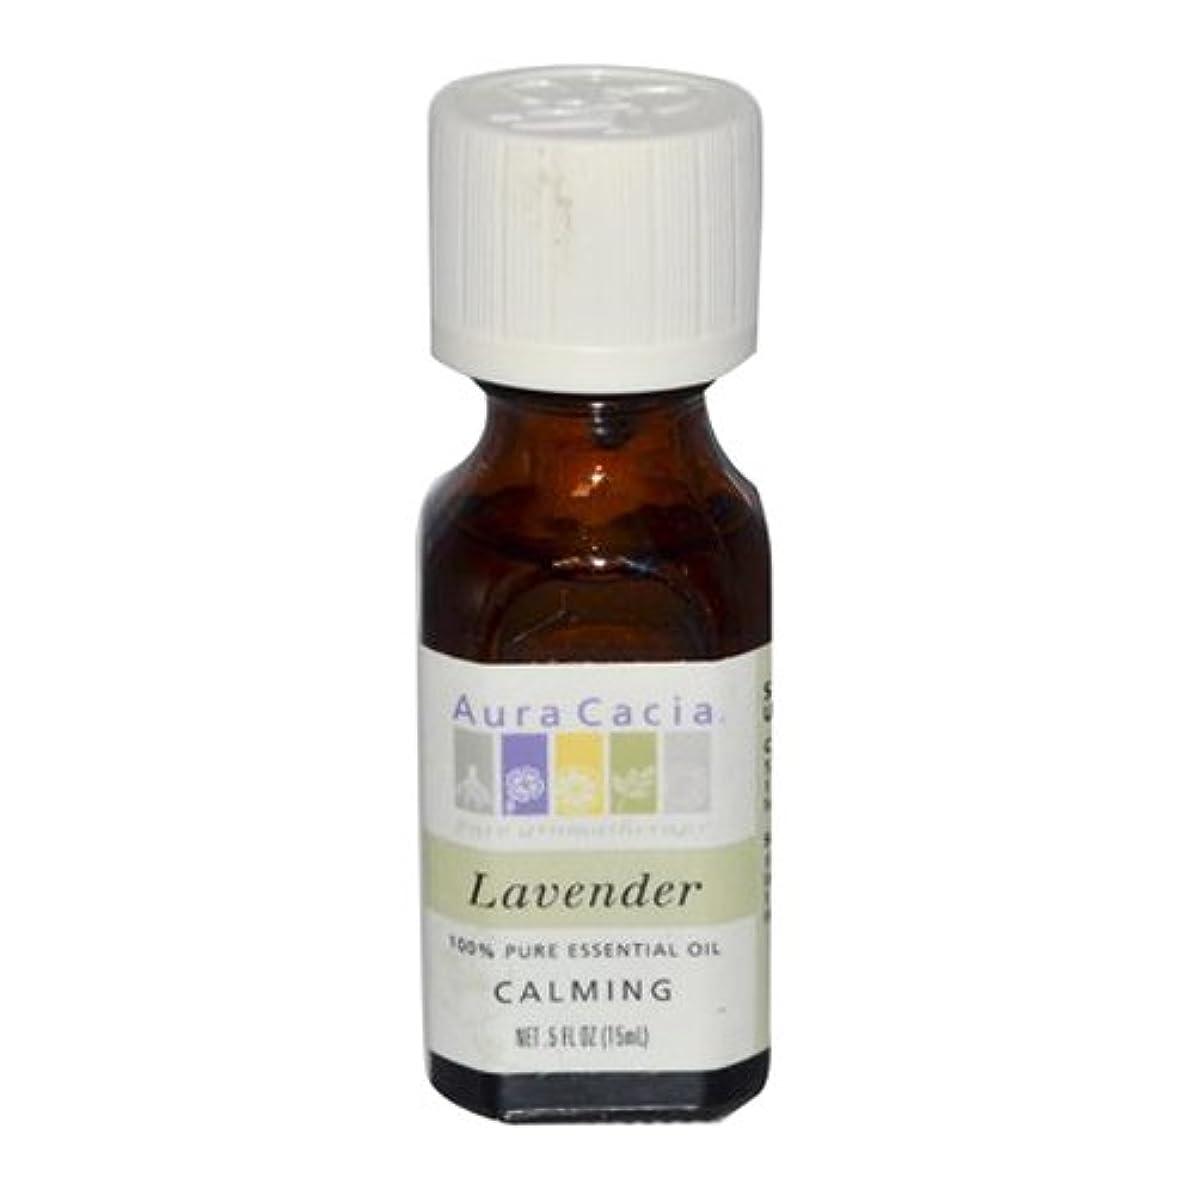 補う岸流体Aura Cacia Lavender Calming Pure Essential Oil 15 ml (並行輸入品)